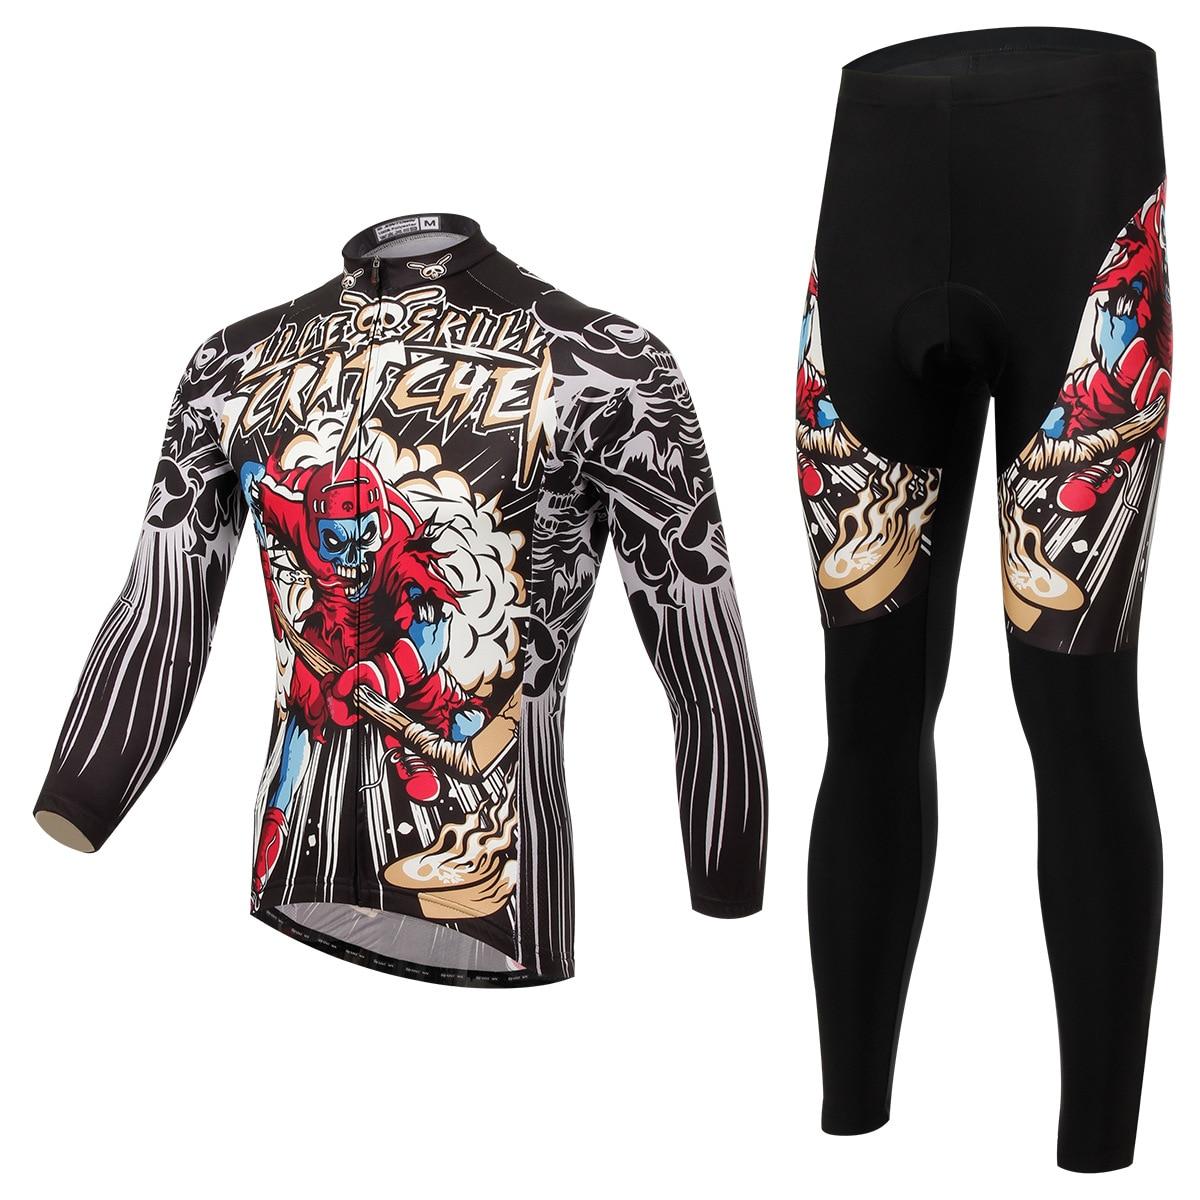 Hommes Leggings de Yoga Skinny Compression équitation cyclisme ensemble de vêtements de sport jarretelle T-Shirt court xintown bâton de Hockey crâne Jersey